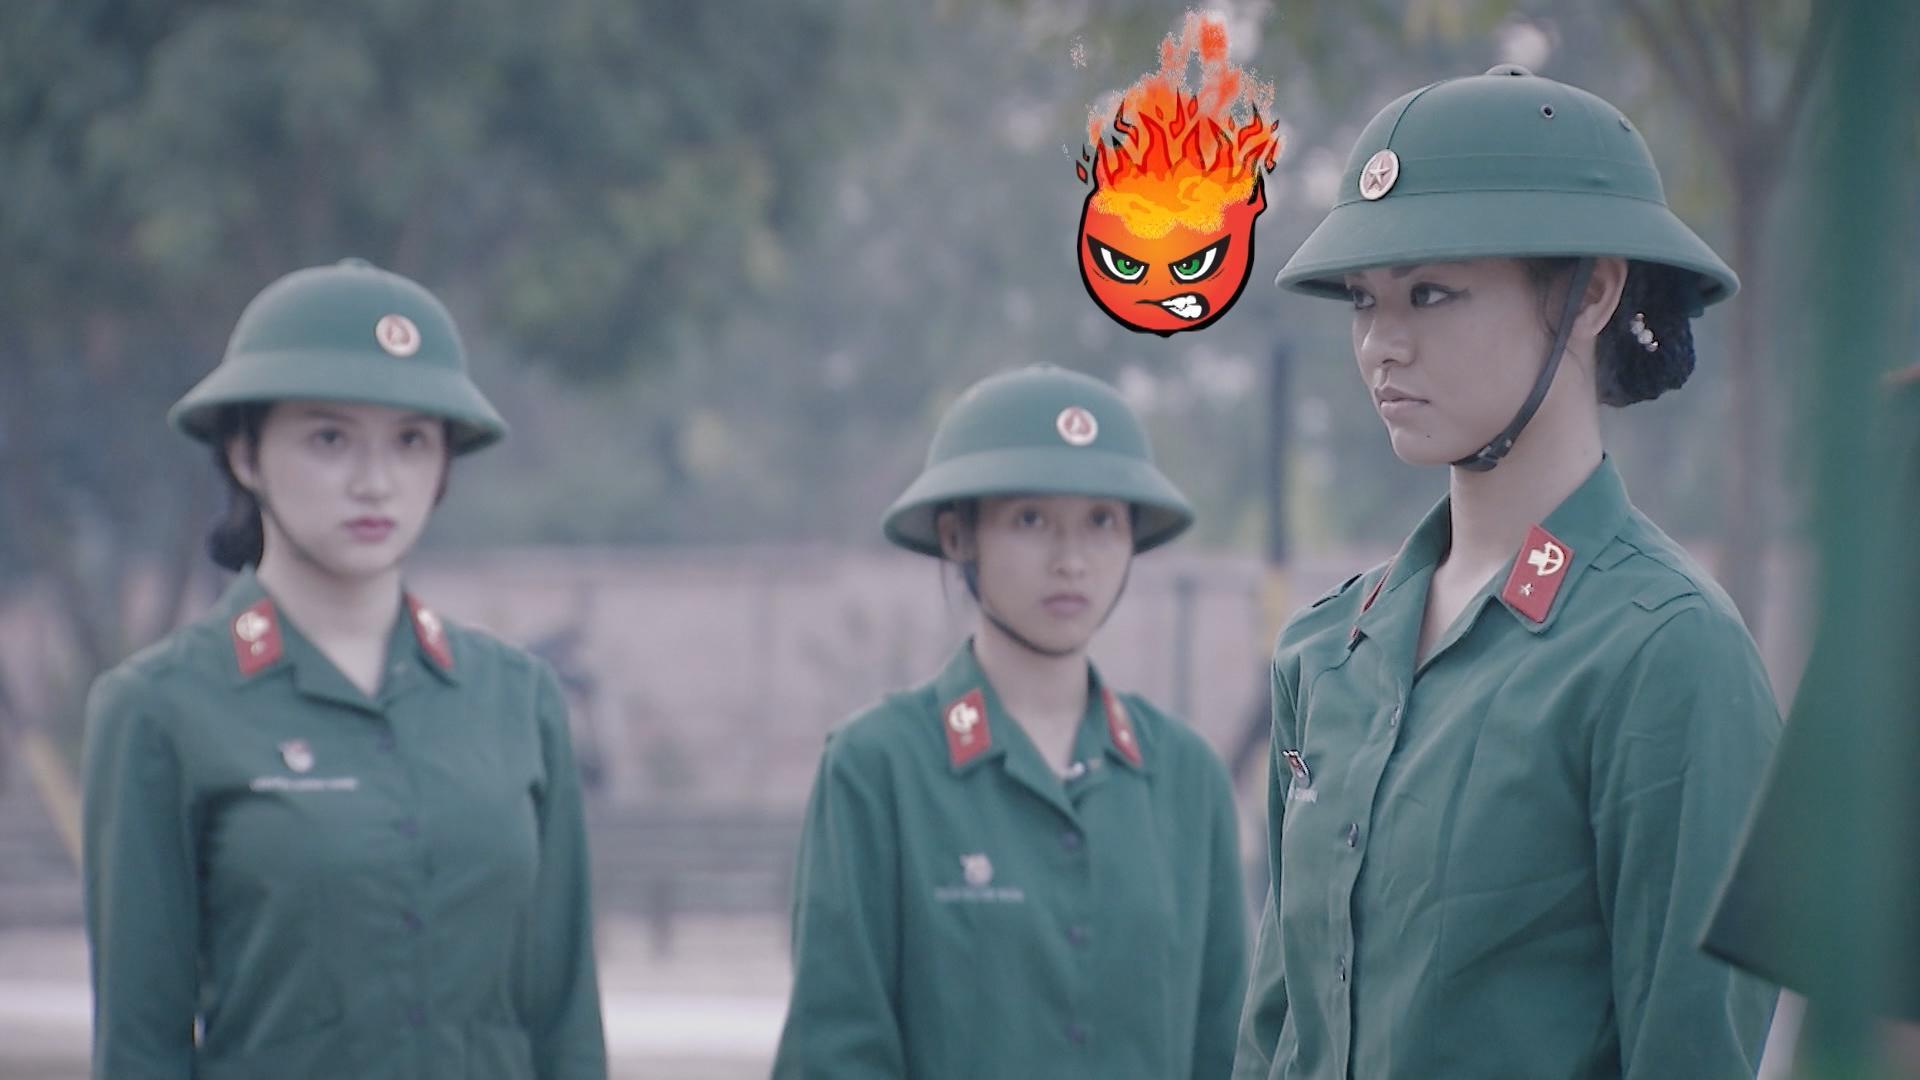 Hương Giang Idol bị chấn chỉnh vì nói năng điệu đà trong quân ngũ-8